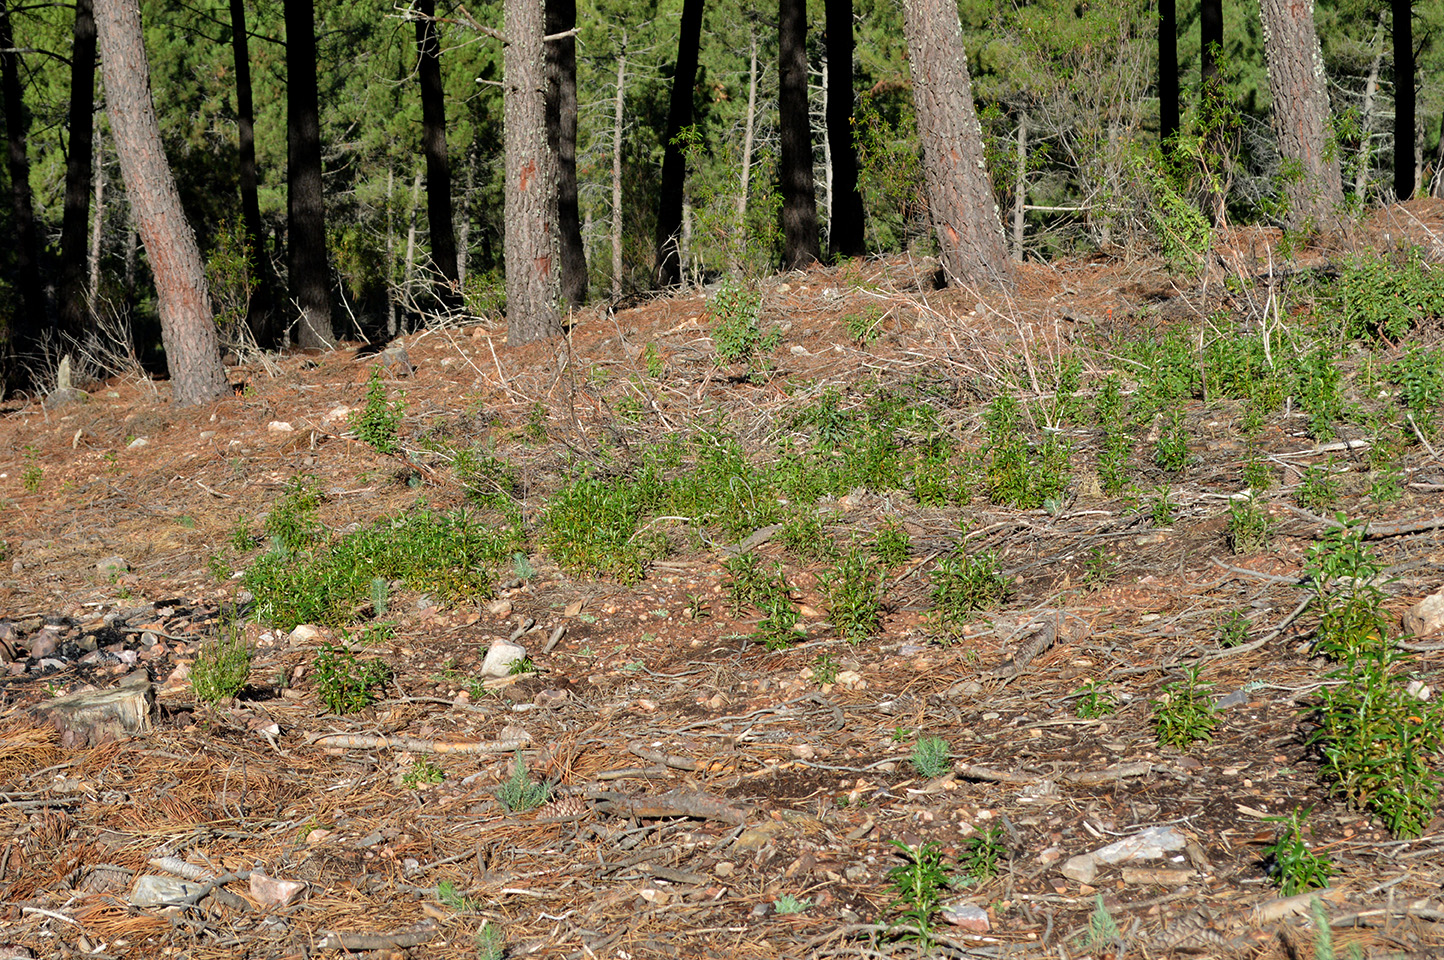 Brotación de Jara frente al regenerado de pino